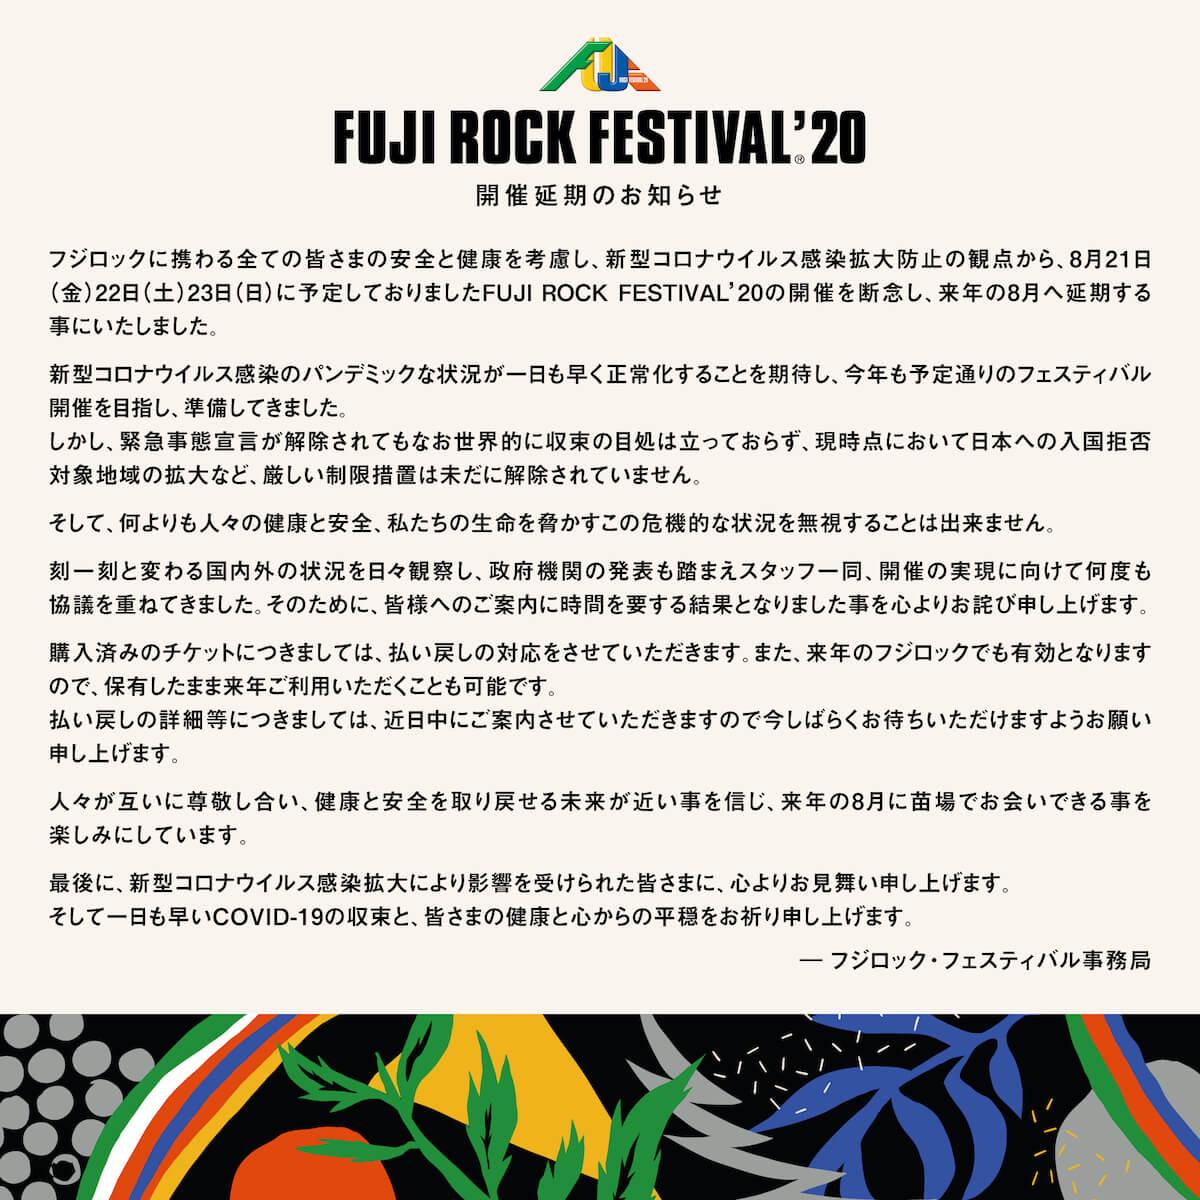 FUJI ROCK FESTIVAL'20 チケット払い戻しについて